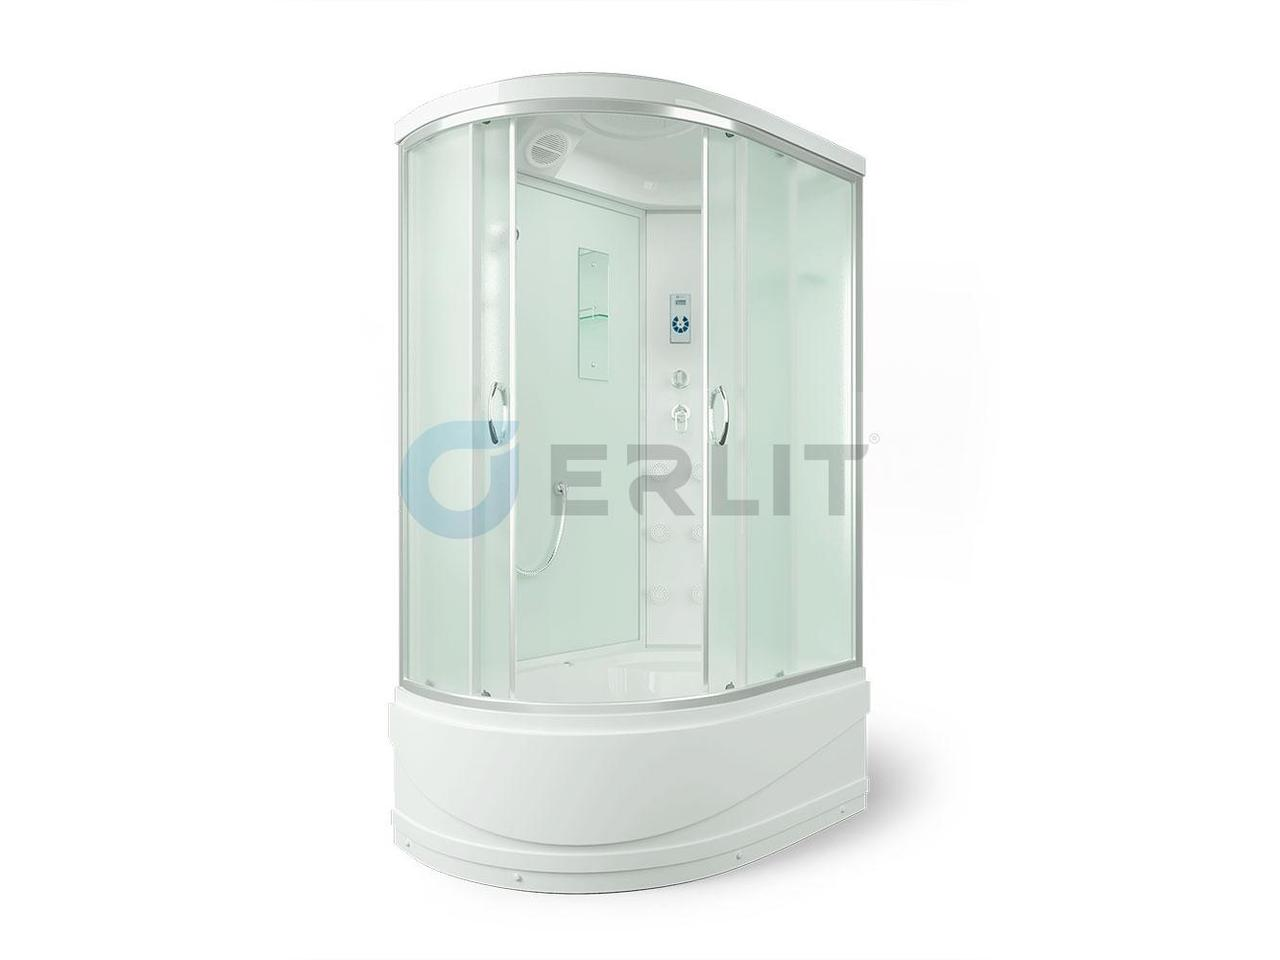 Душевая кабина ER4512TPR-C3 1200*800*2150 высокий поддон, матовое стекло, правосторонняя